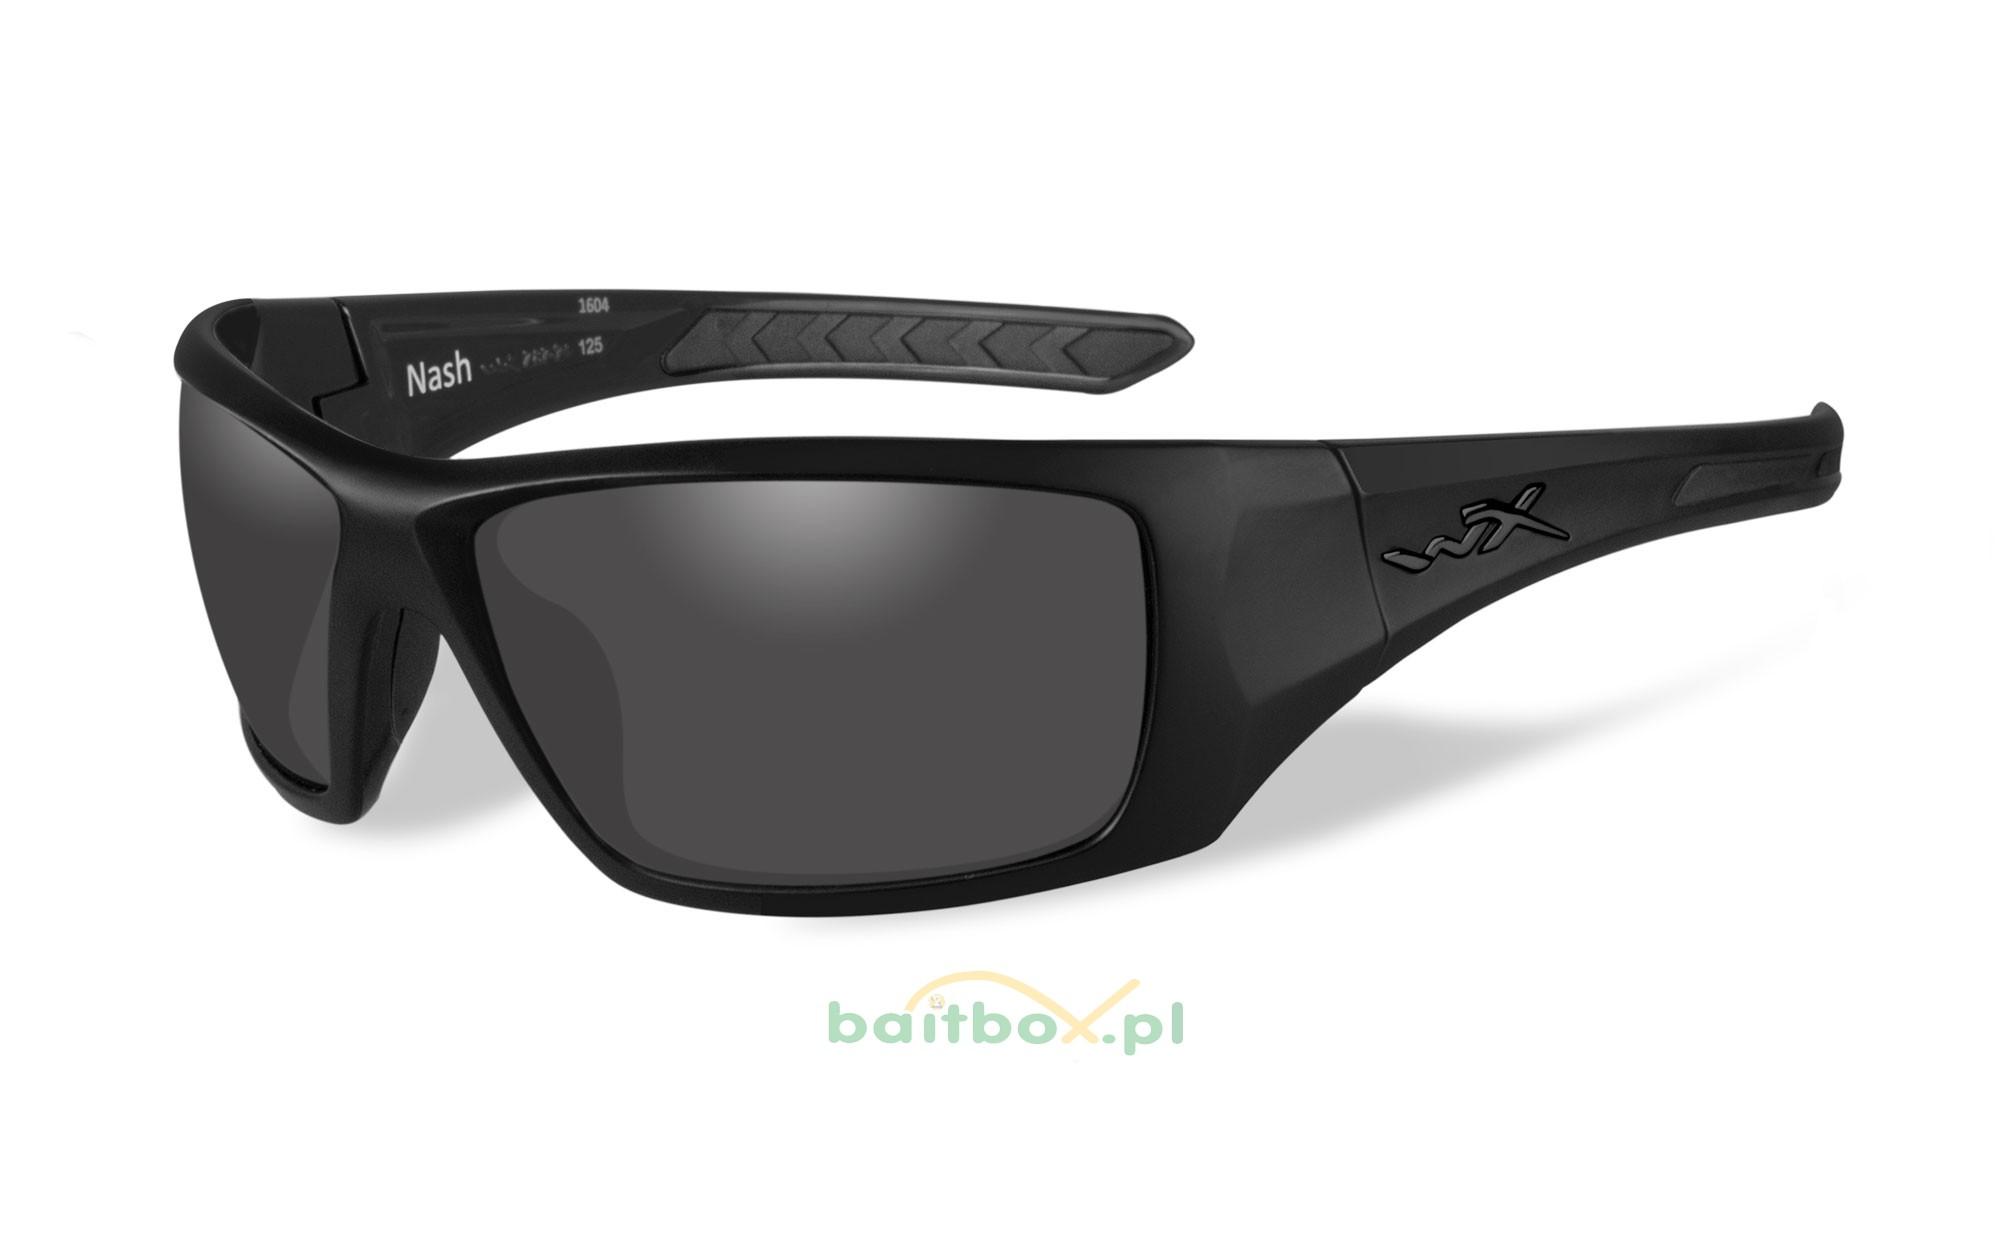 Okulary polaryzacyjne Wiley X NASH Smoke Grey Lens, Matte